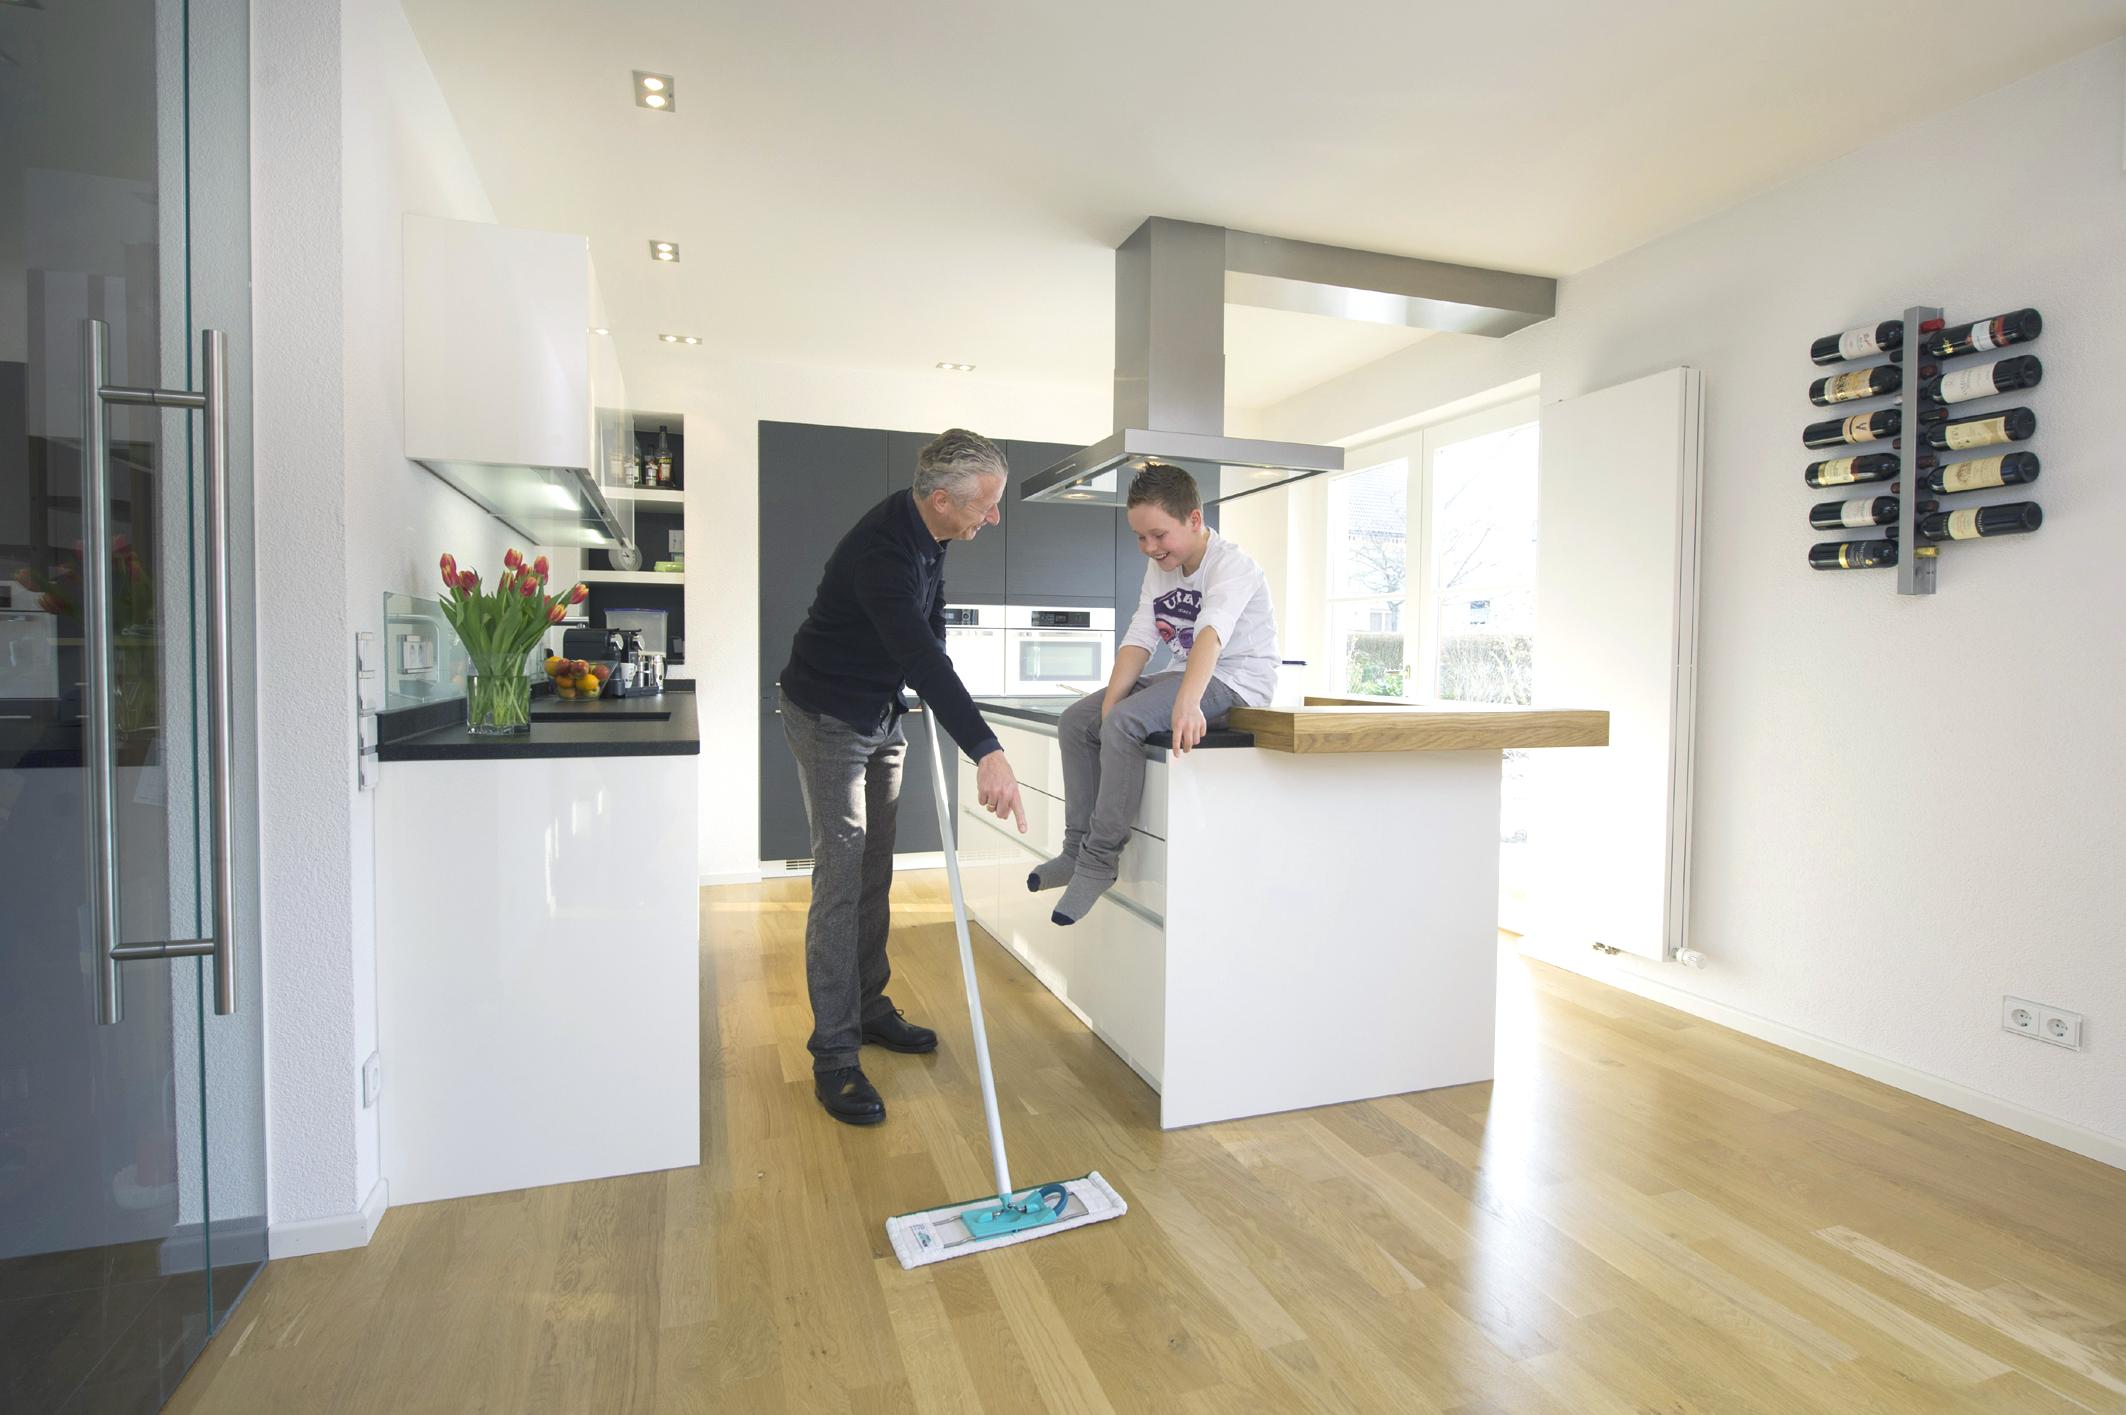 Parkett in der Küche immer beliebter – Robuster Wohlfühlboden